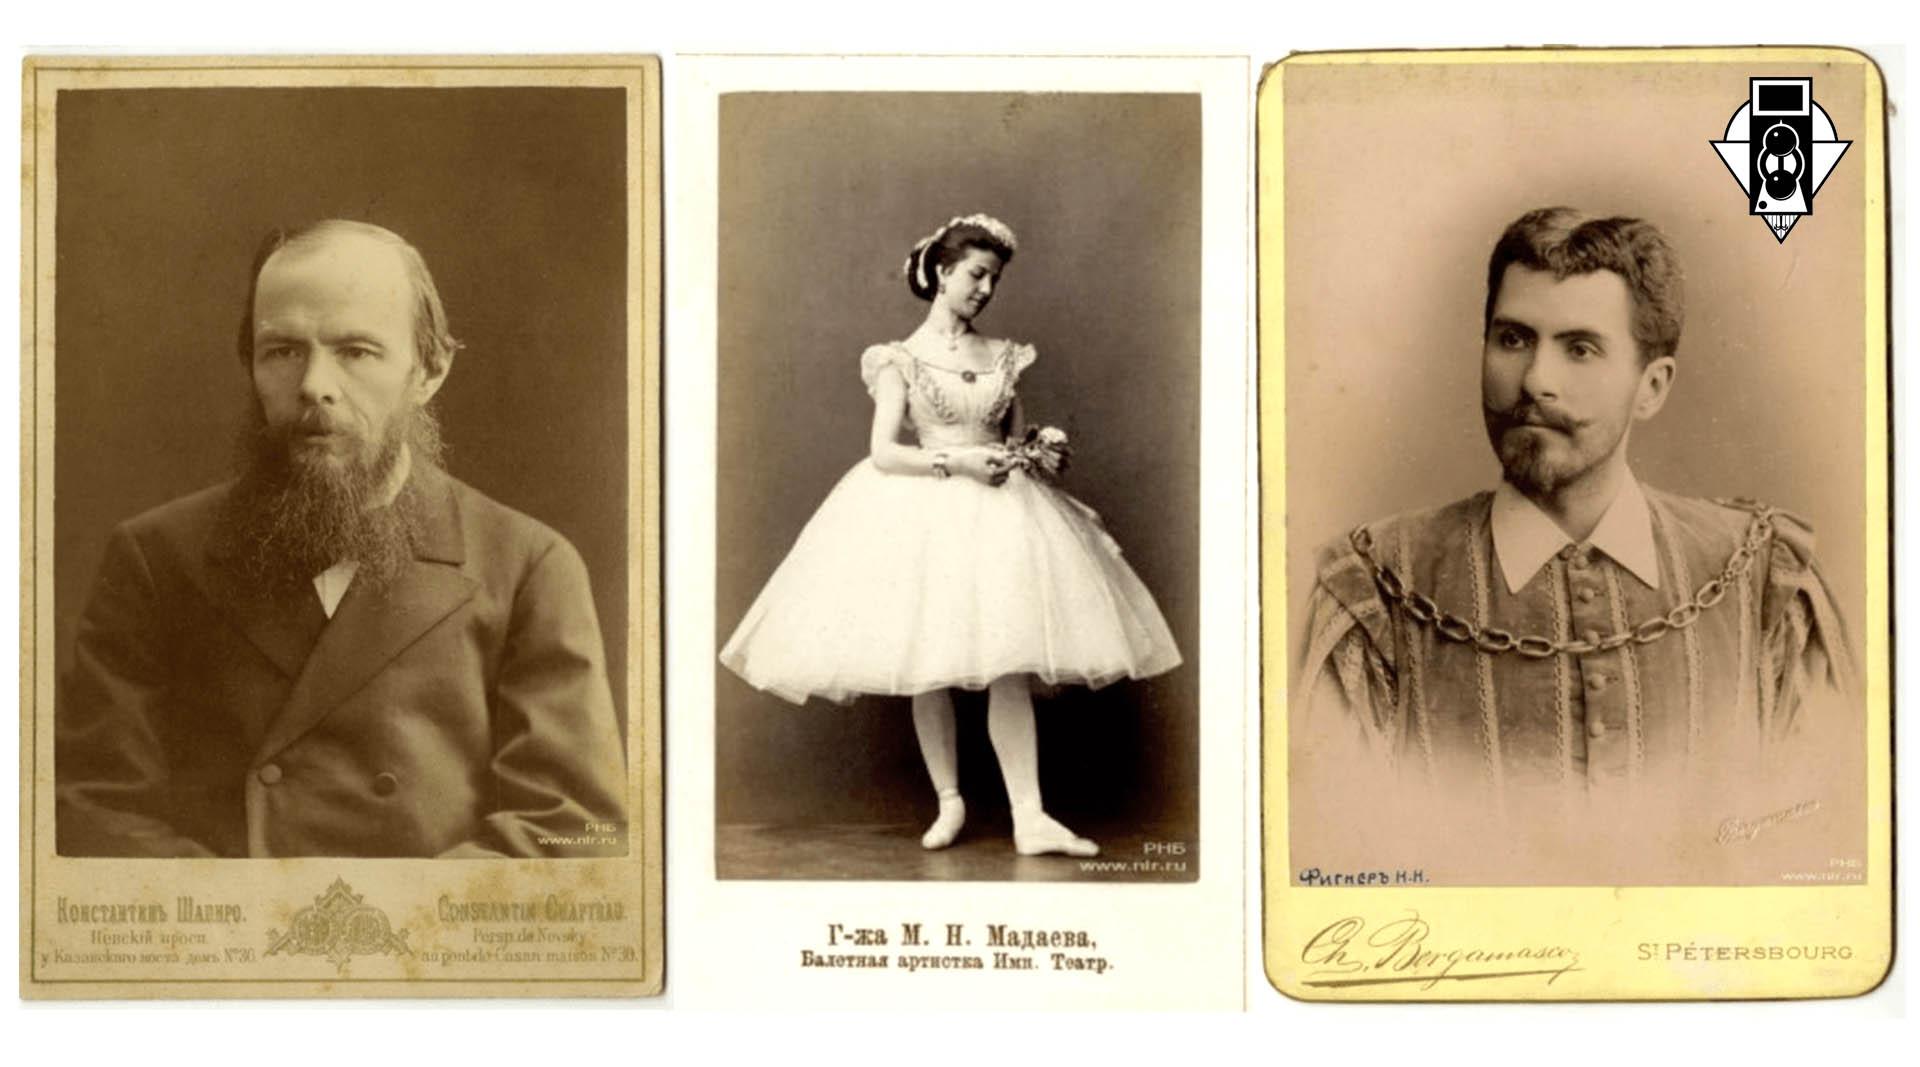 Художественный портрет в светописи. Вестник ОФО 1913 г.